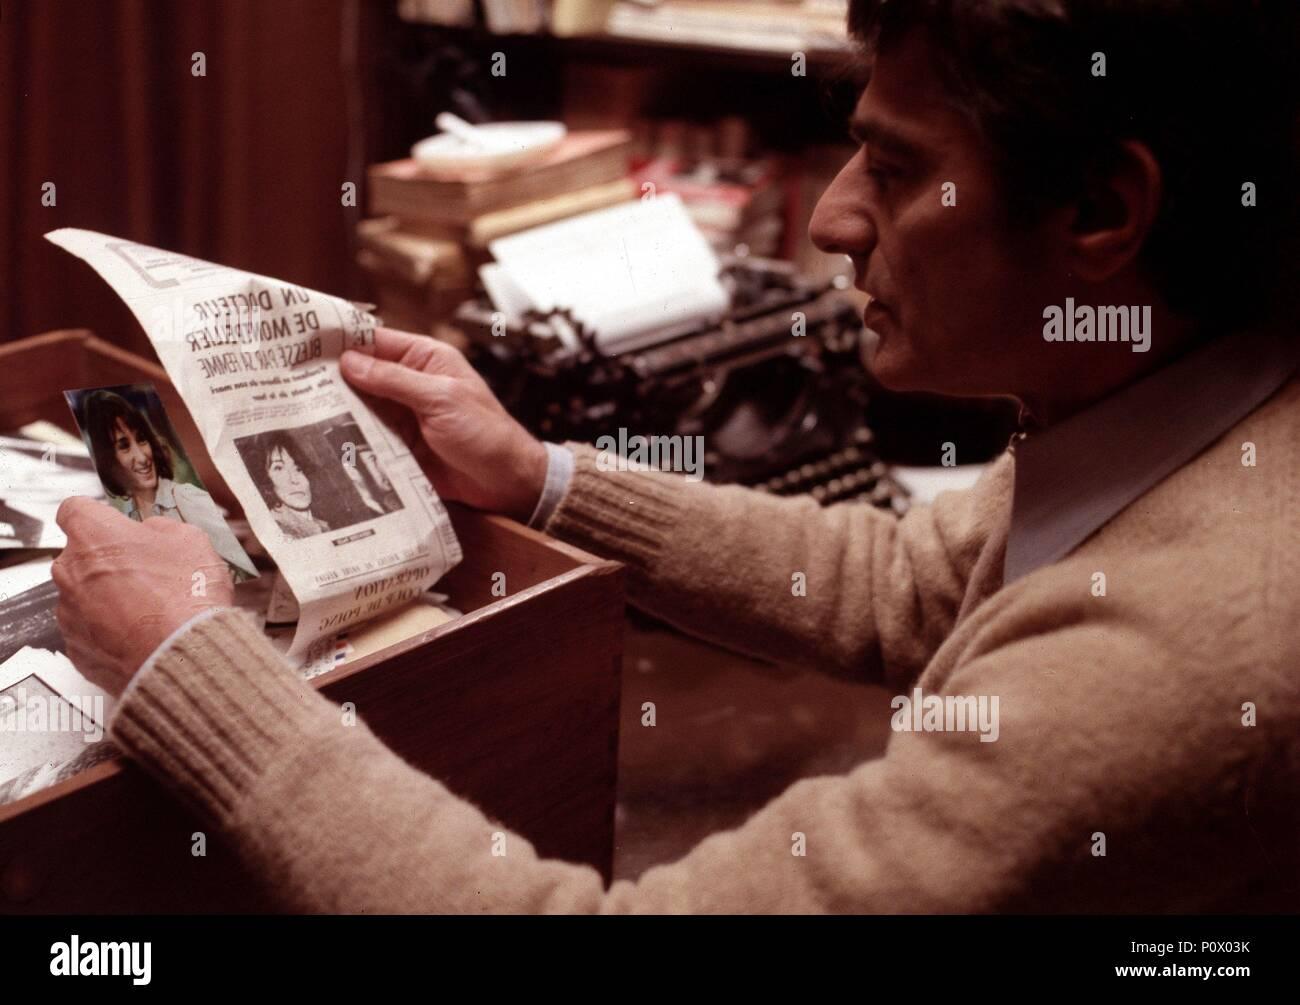 Aimait Stockfotos & Aimait Bilder - Alamy